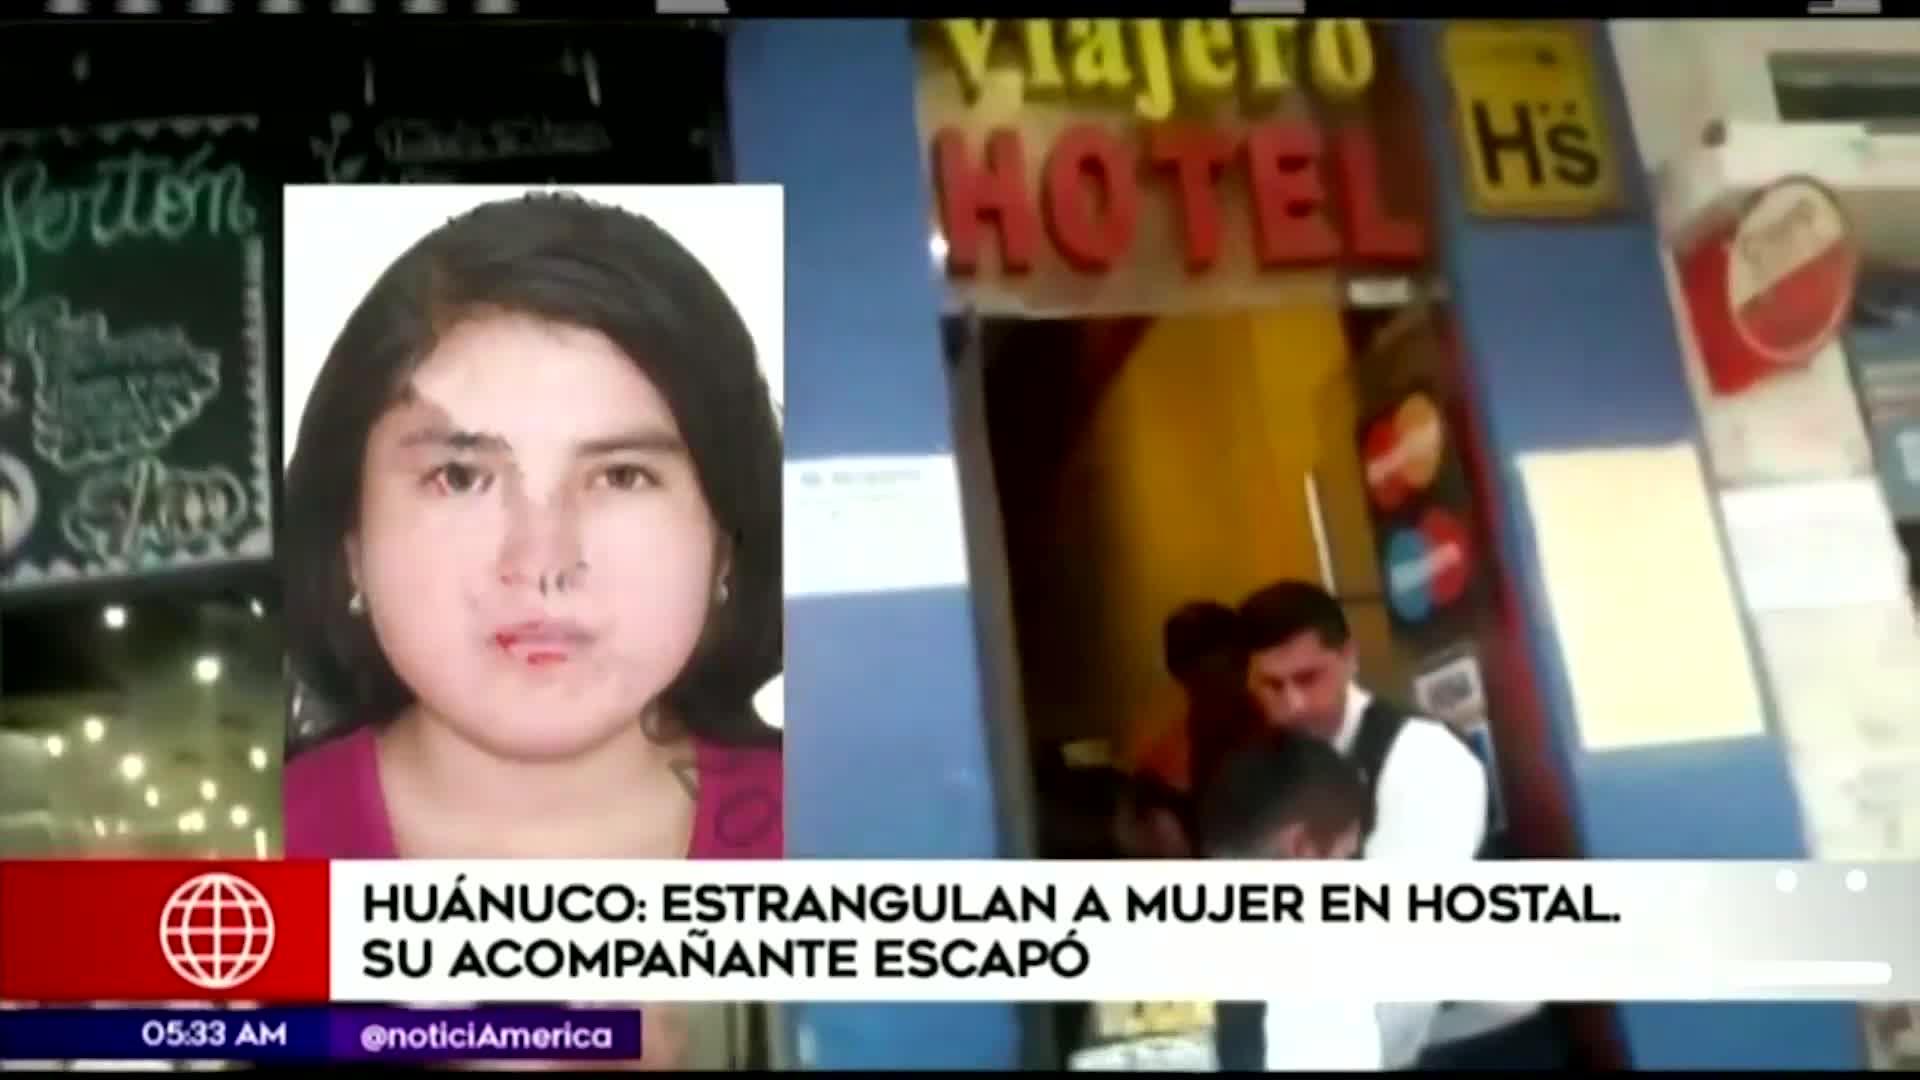 Huánuco: encuentran cadáver de mujer con signos de estrangulamiento en hostal